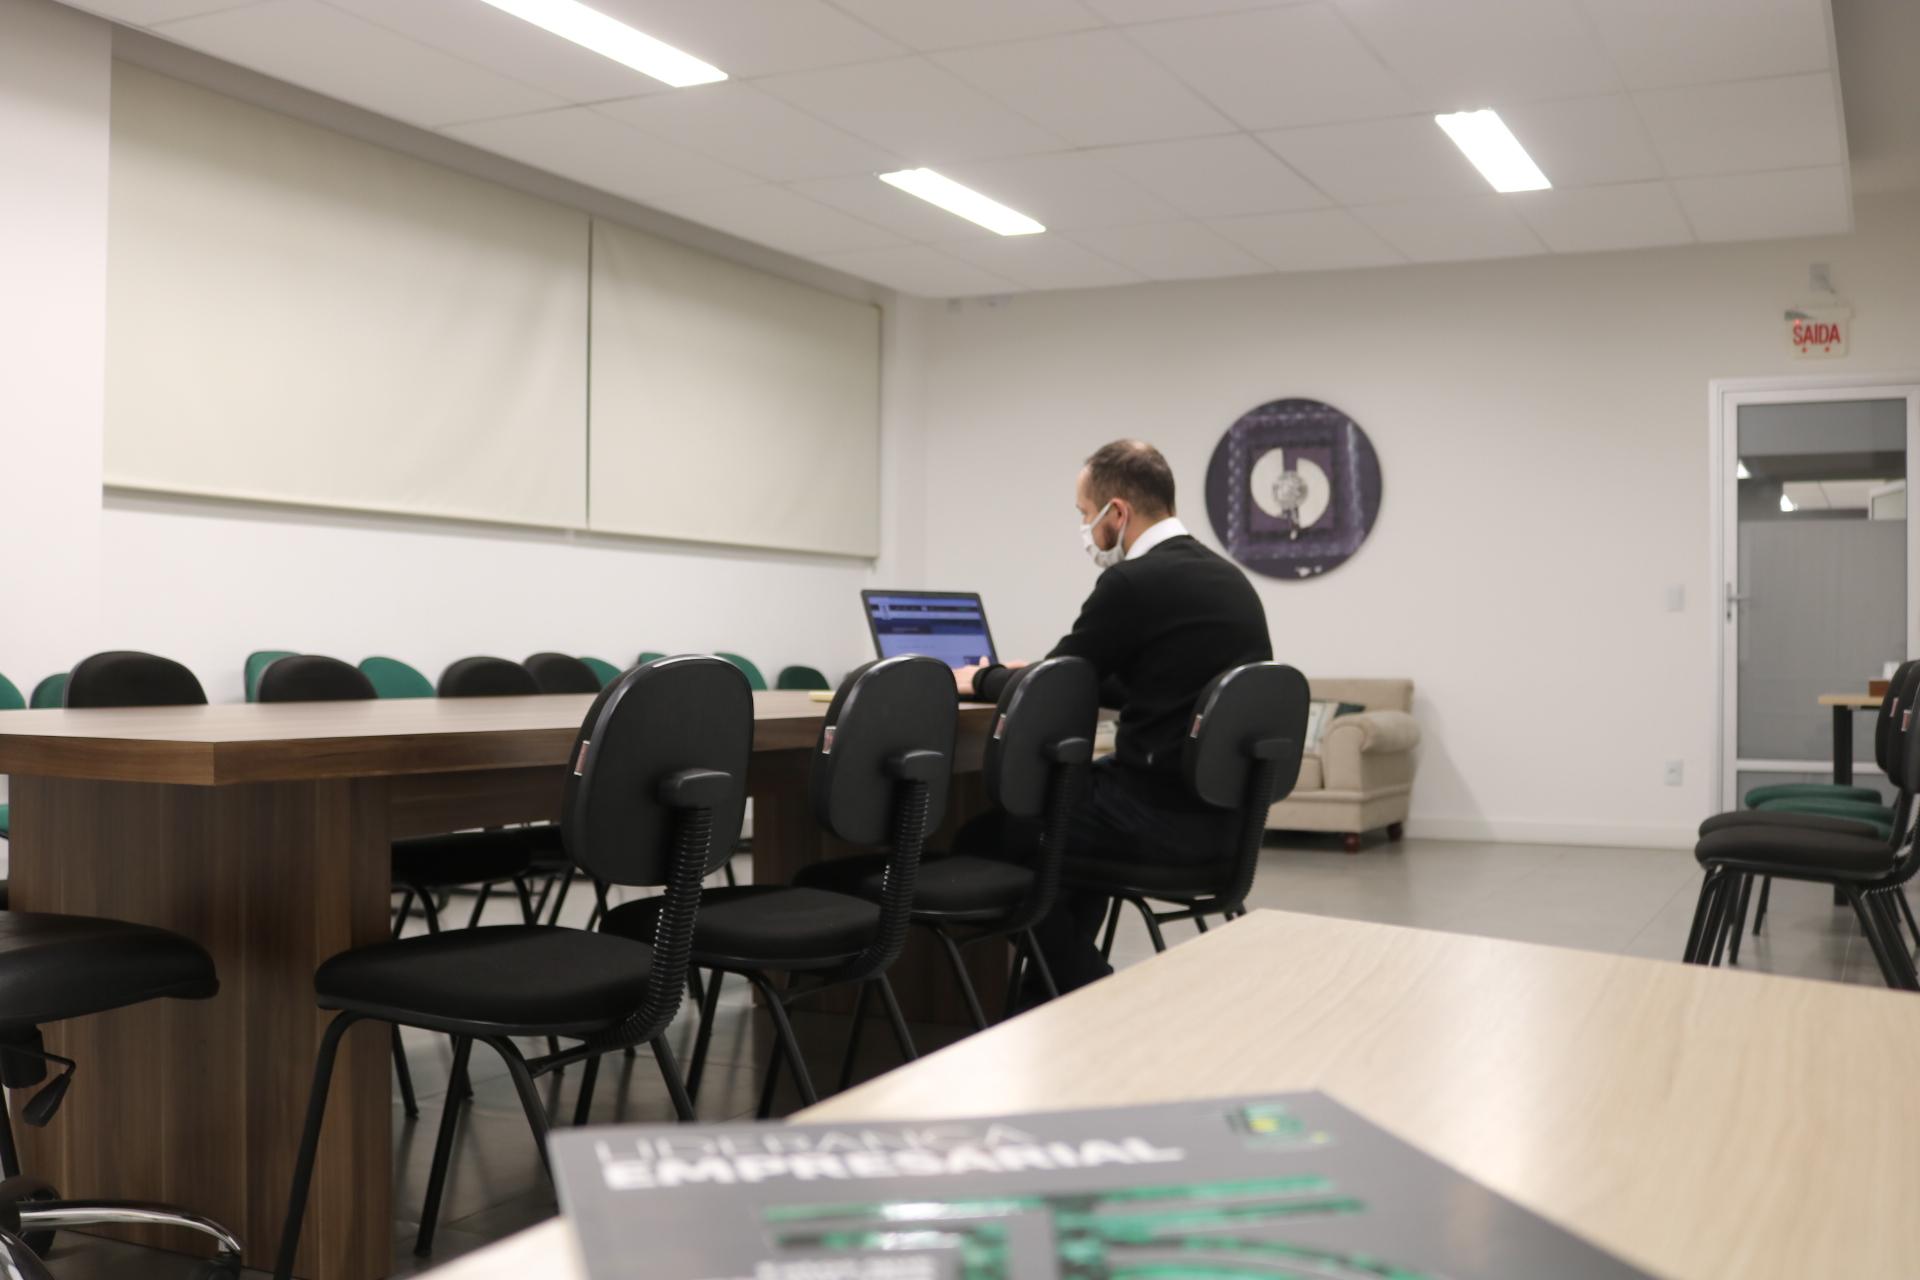 Novo projeto da Acic abre espaços para trabalho corporativo com salas de trabalho